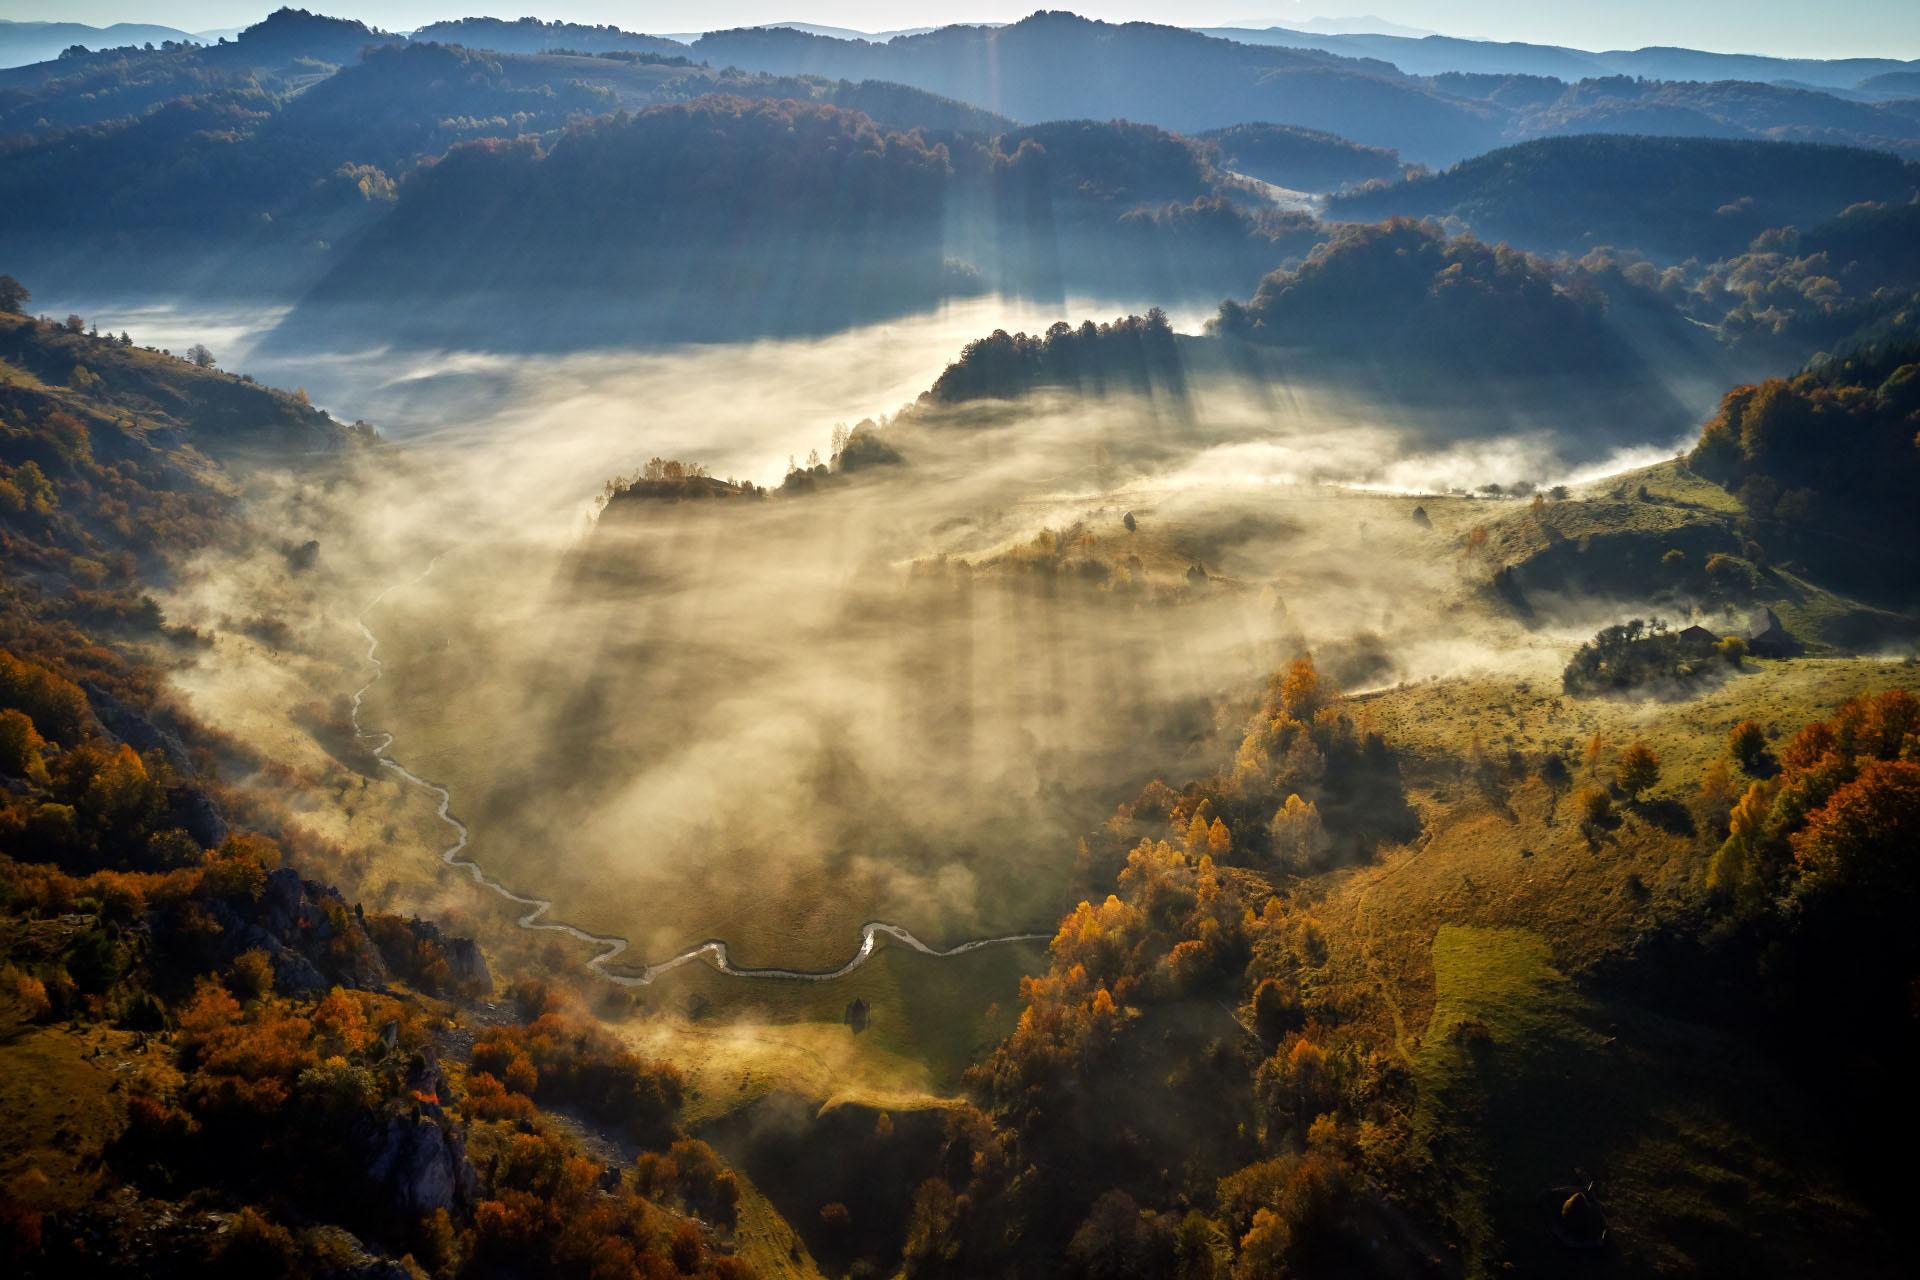 朝霧の山並み ルーマニアの風景